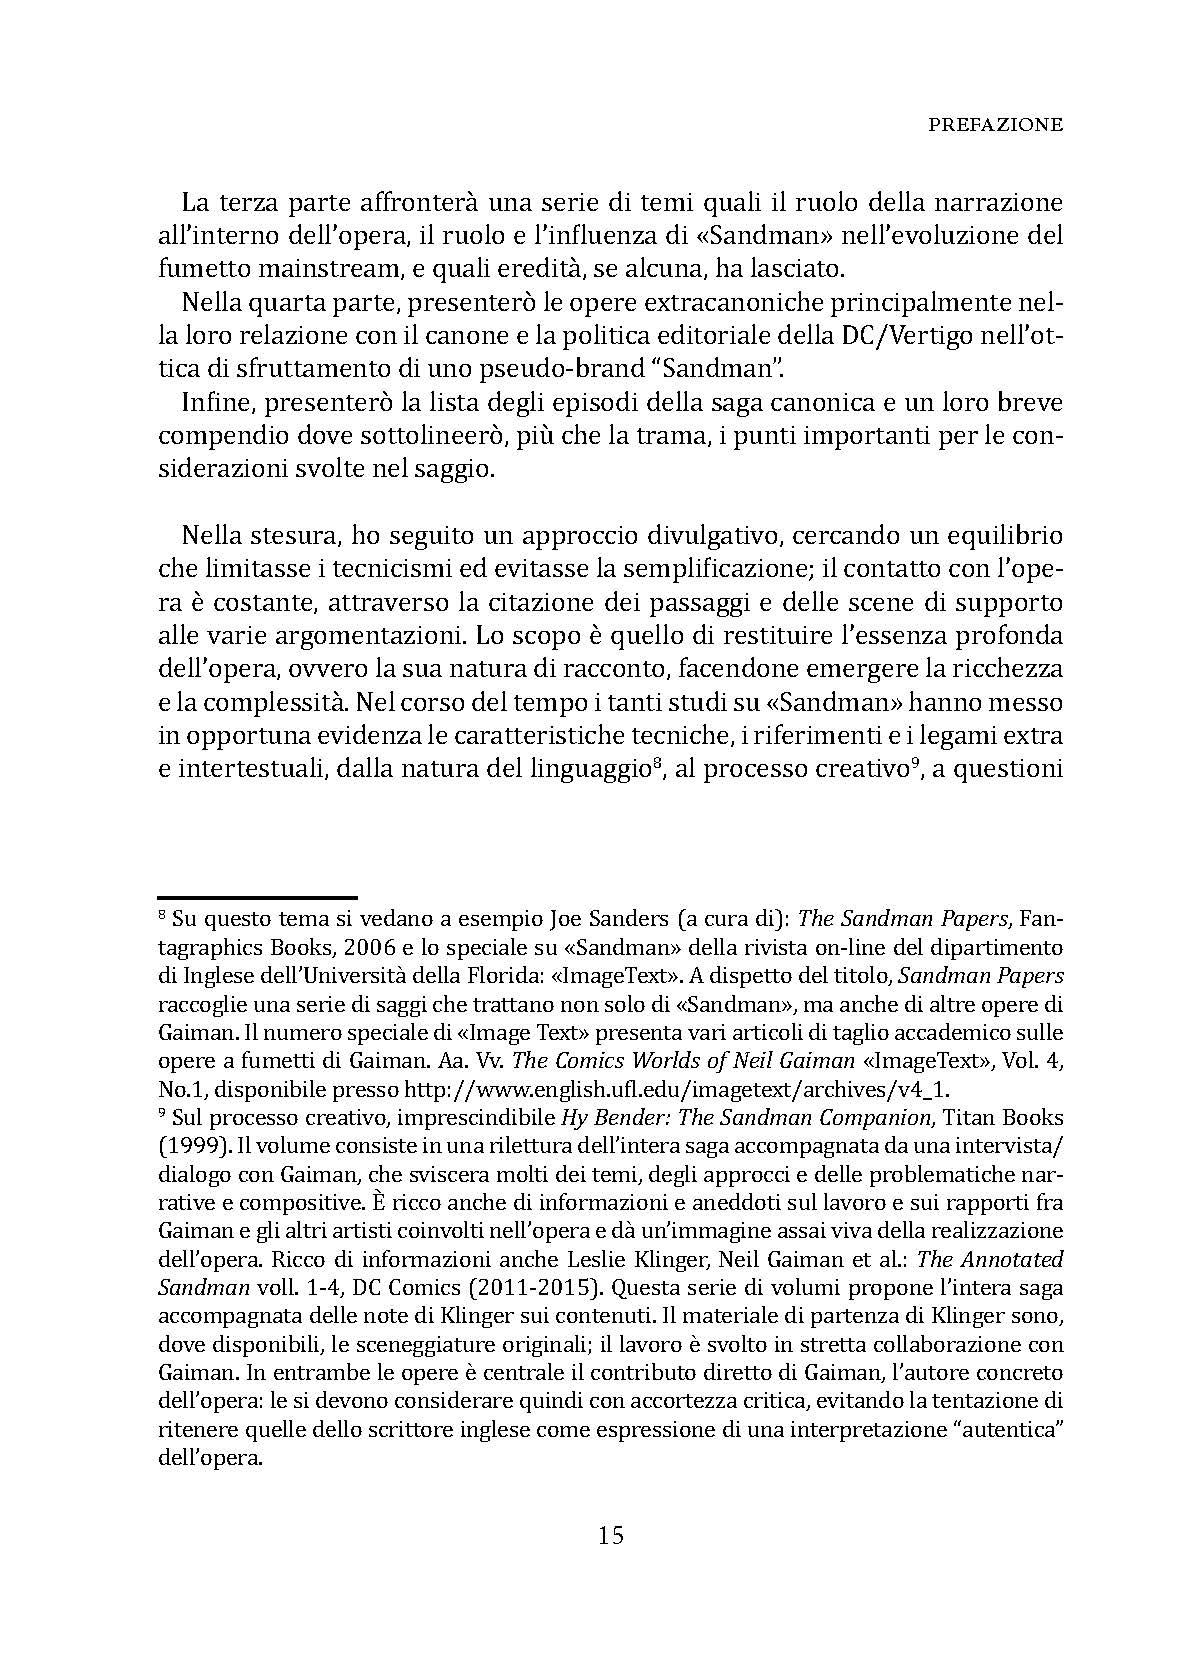 Pagine da PDF Guida non ufficiale a Sandman filigranato_Pagina_11